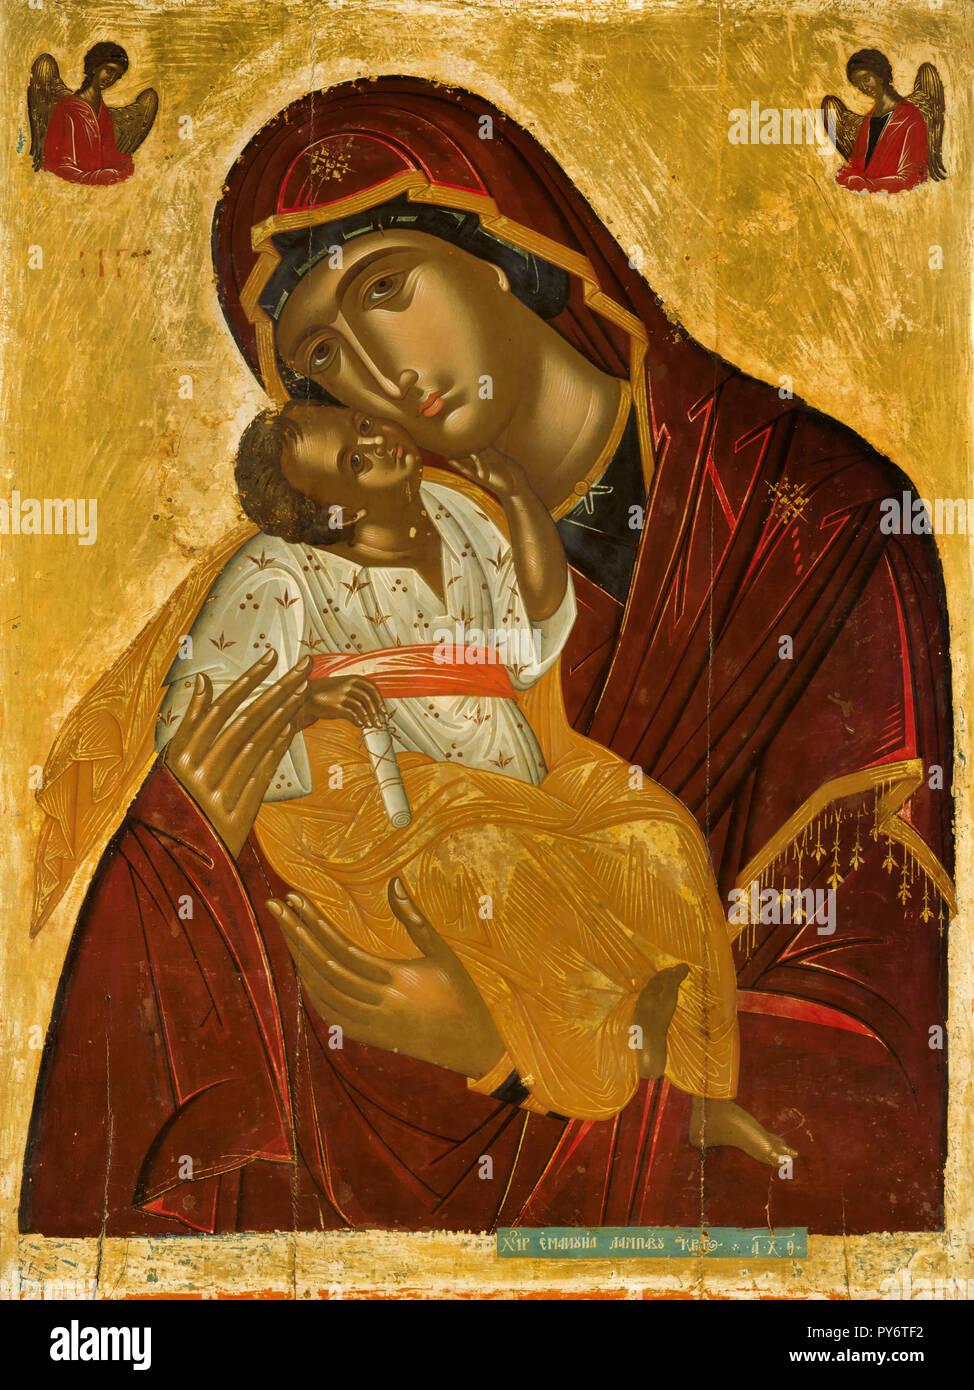 Emmanuel Lambardos, La Vierge de tendresse icône 1609, huile sur panneau, Musée Benaki, Athènes, Grèce. Photo Stock